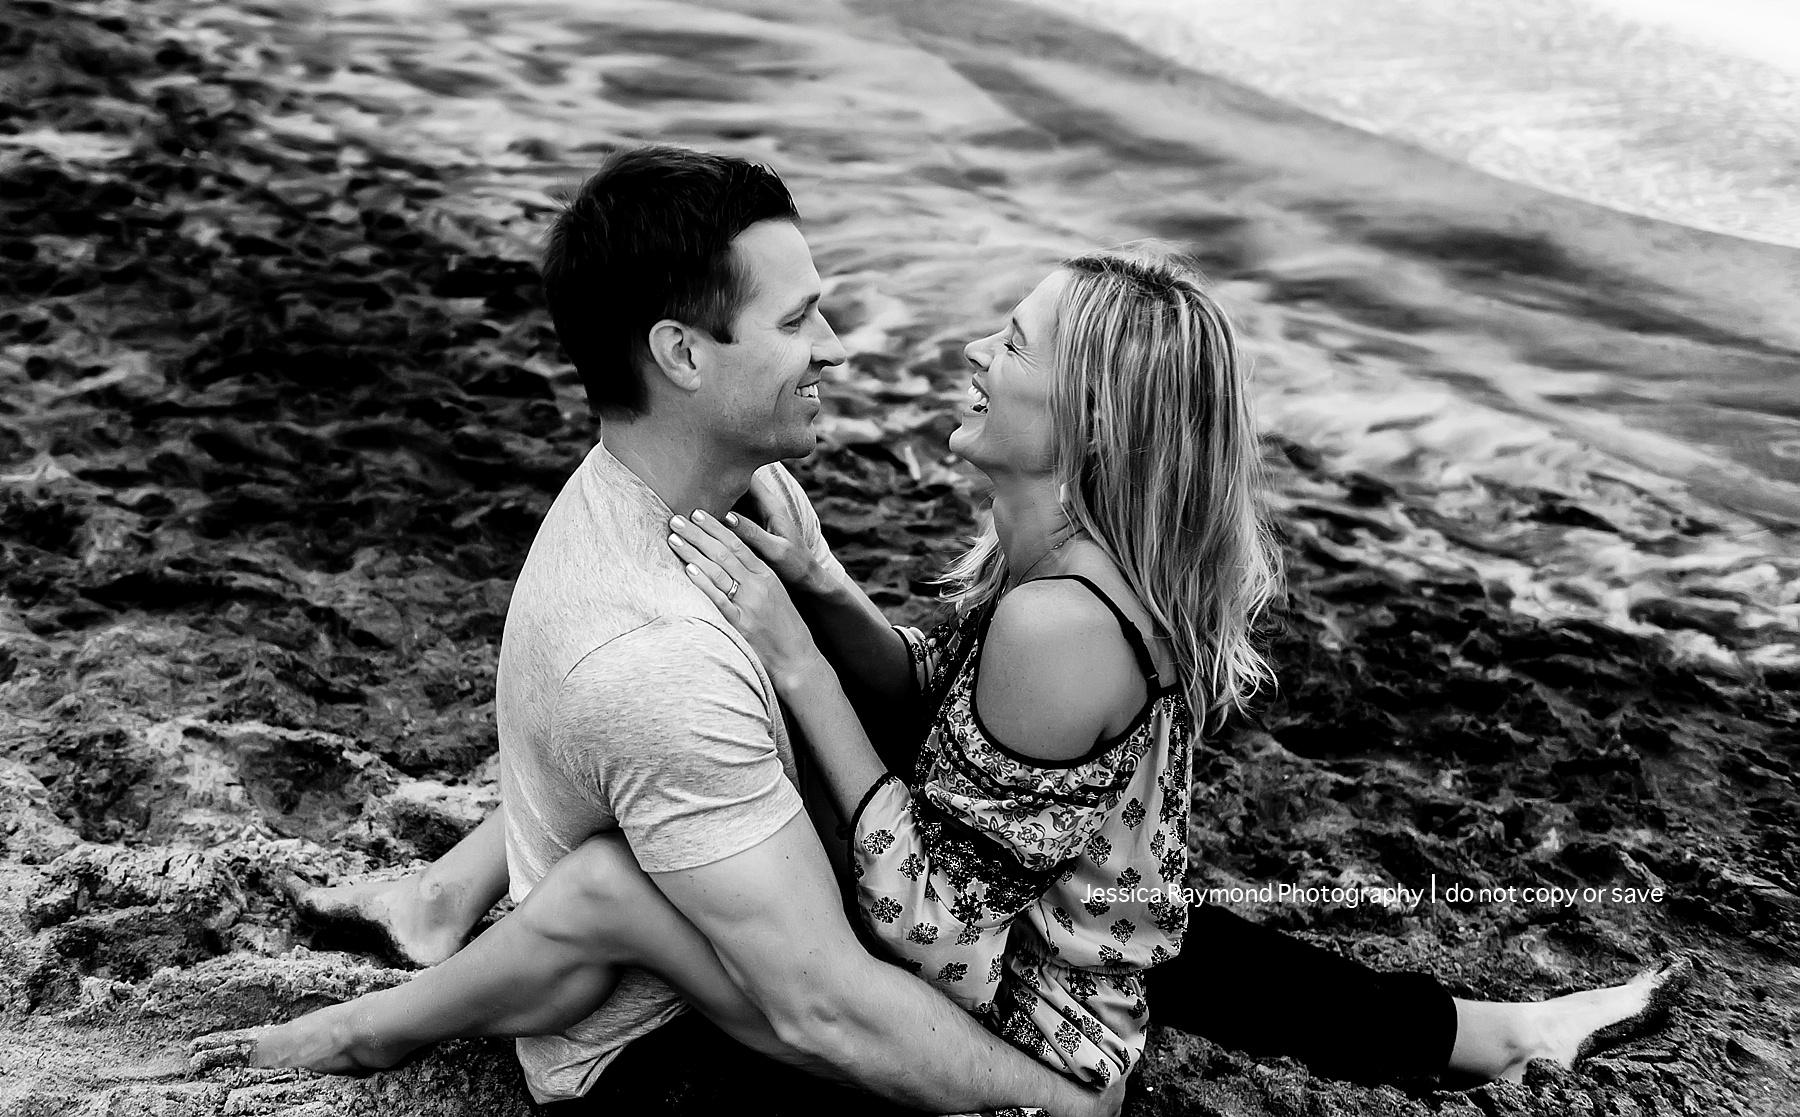 family beach pics fun couple pose black and white